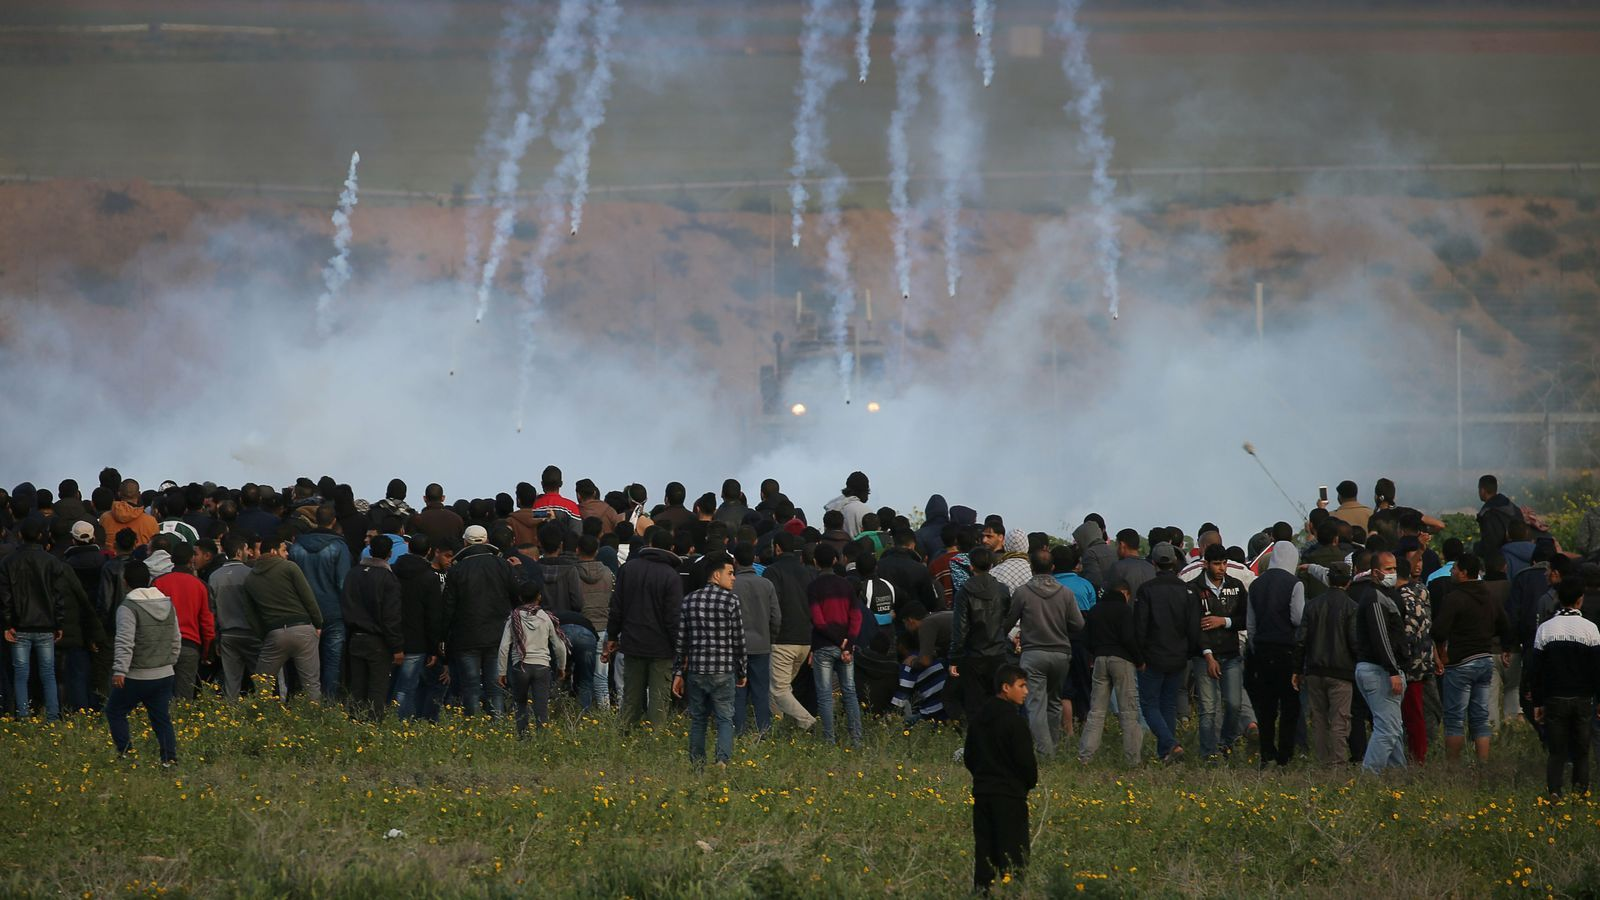 L'ONU diu que Israel pot haver comès crims de guerra en la repressió de les protestes de Gaza